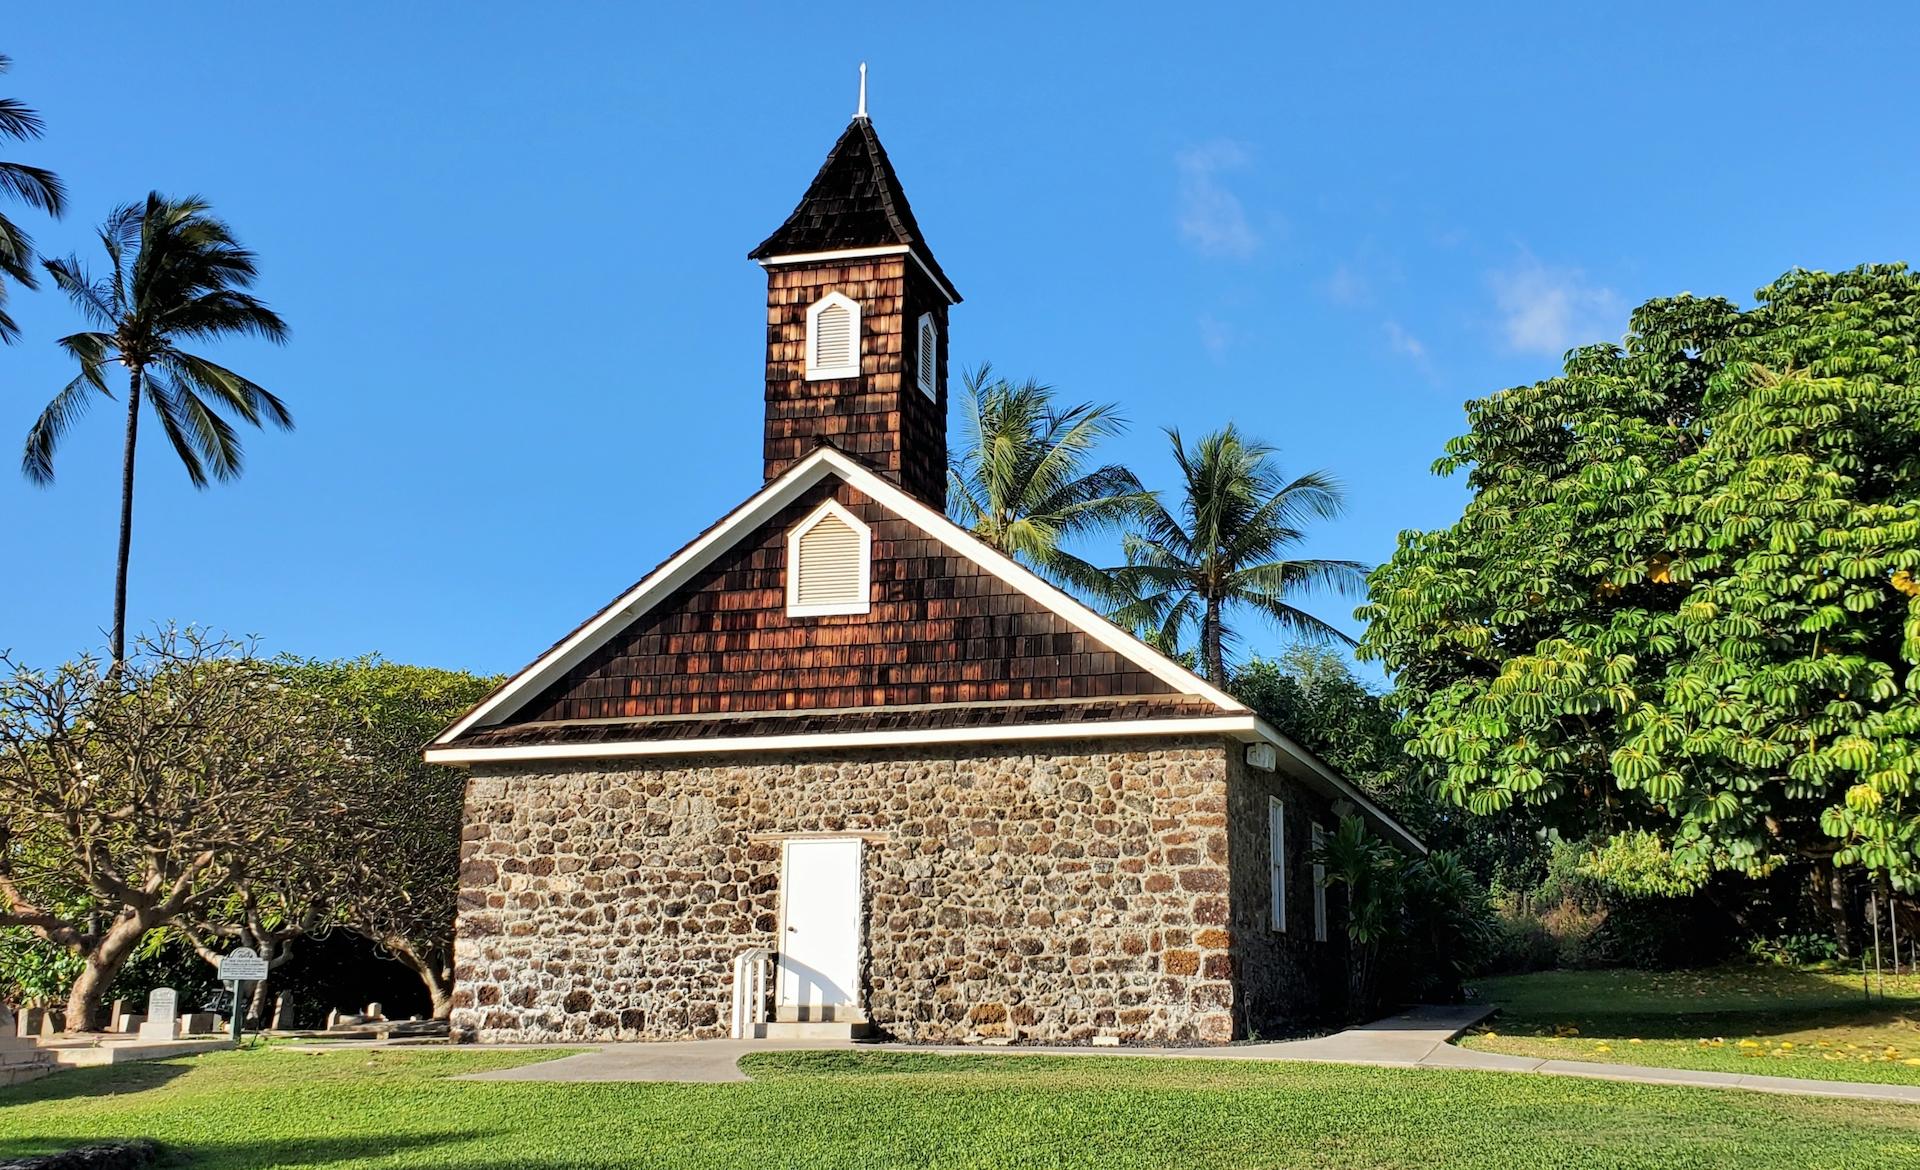 Keawala'i Congregational Church located on South Maui.